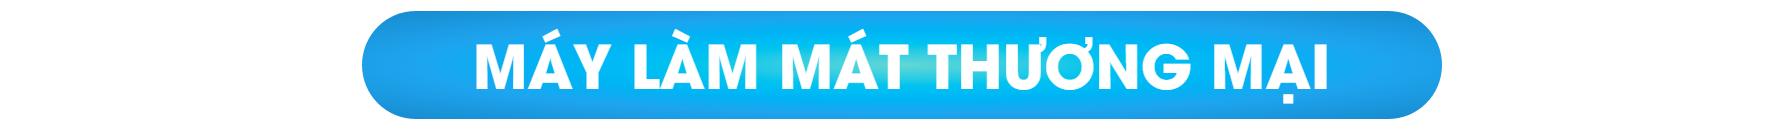 May-Lam-Mat-Thuong-Mai